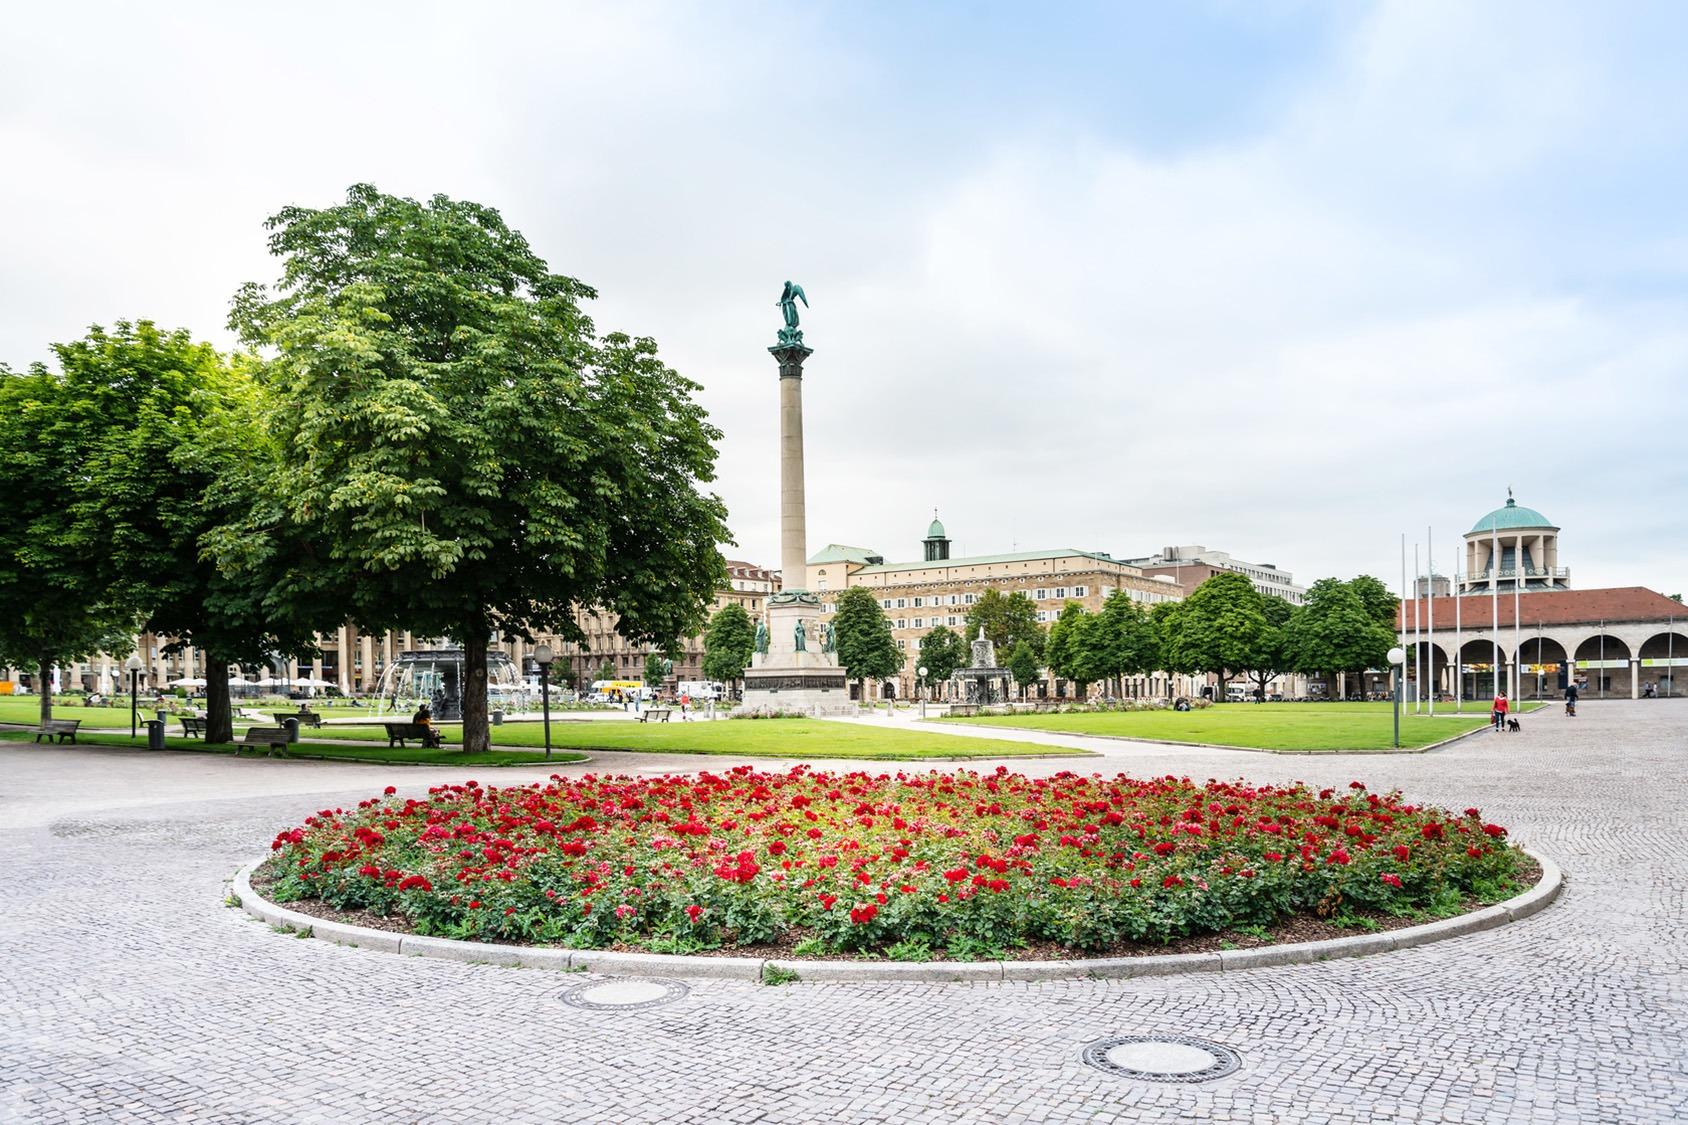 Grüner, blühender Stuttgarter Schlossplatz mit der Königsstraße im Hintergrund